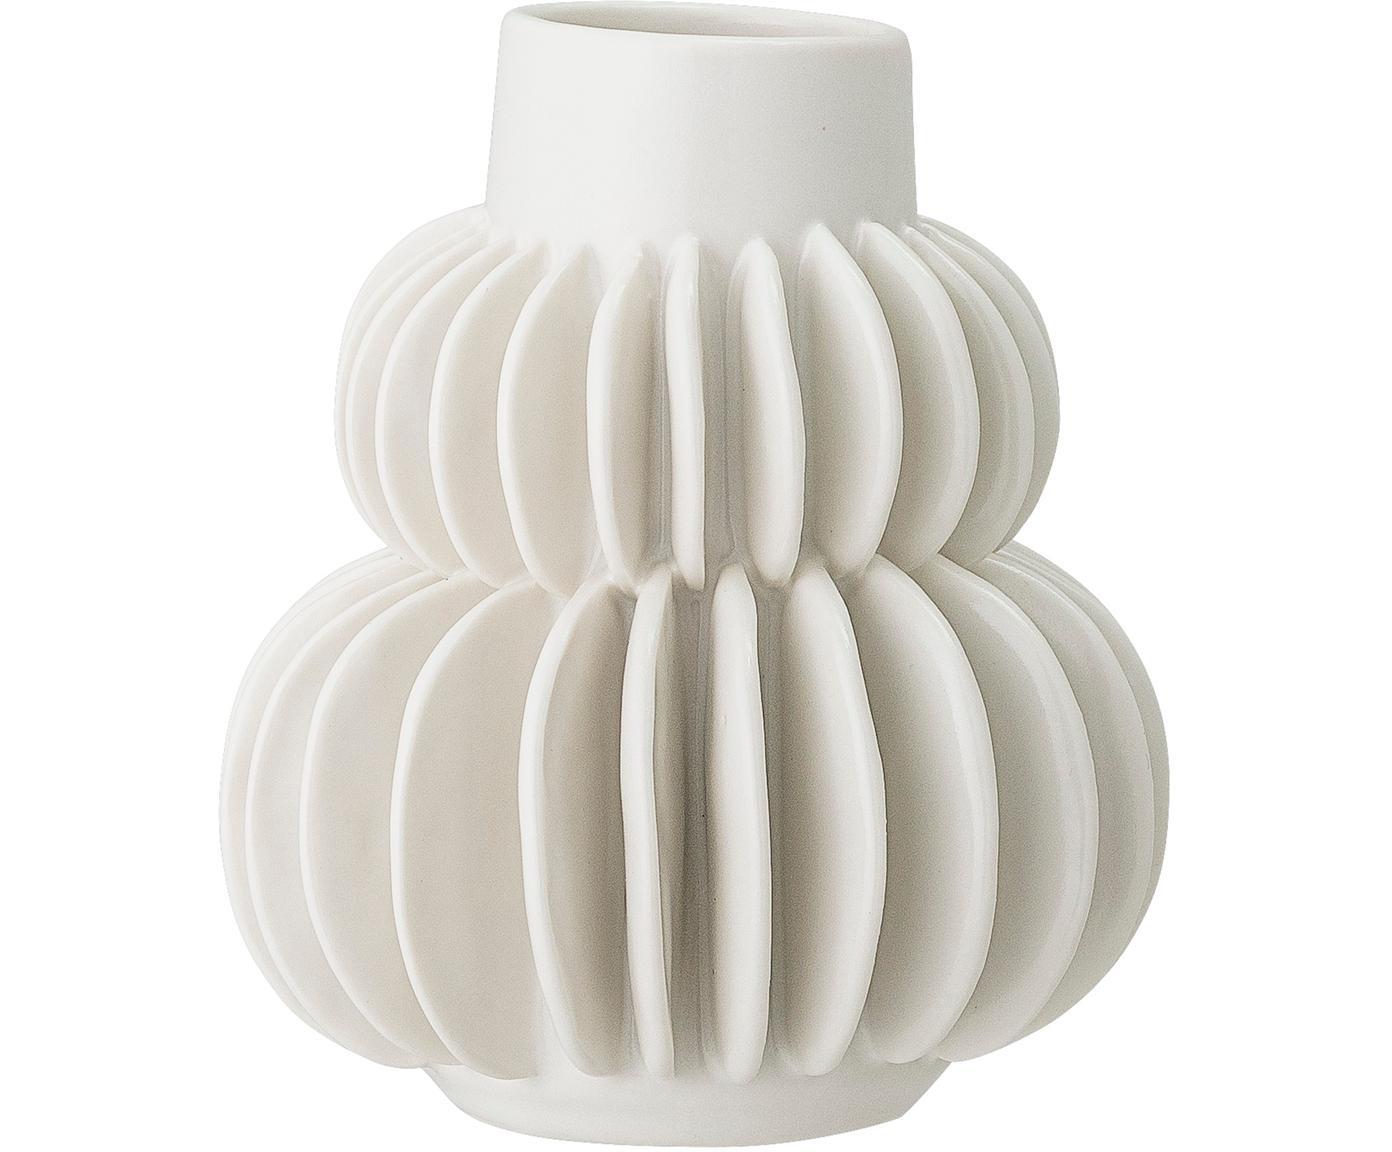 Mały wazon z kamionki Bela, Kamionka, Biały, Ø 12 x W 14 cm